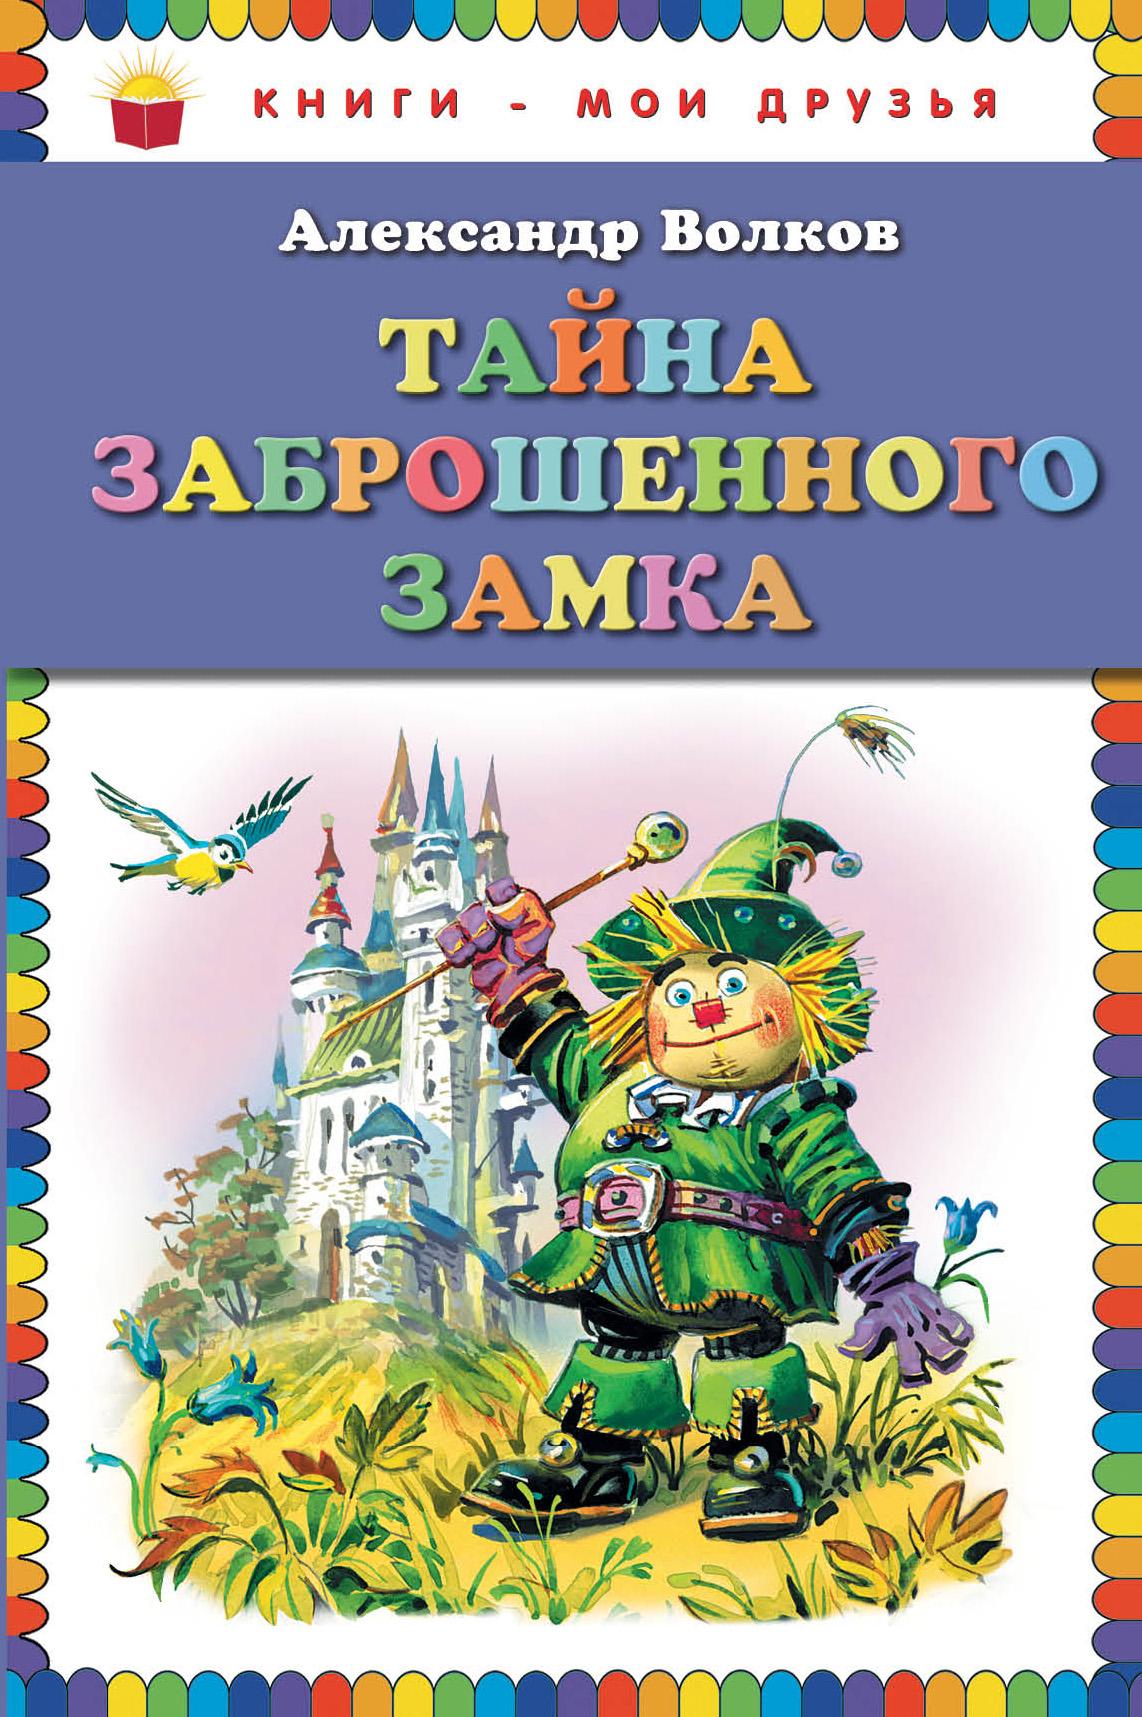 Тайна заброшенного замка (ст. изд.)